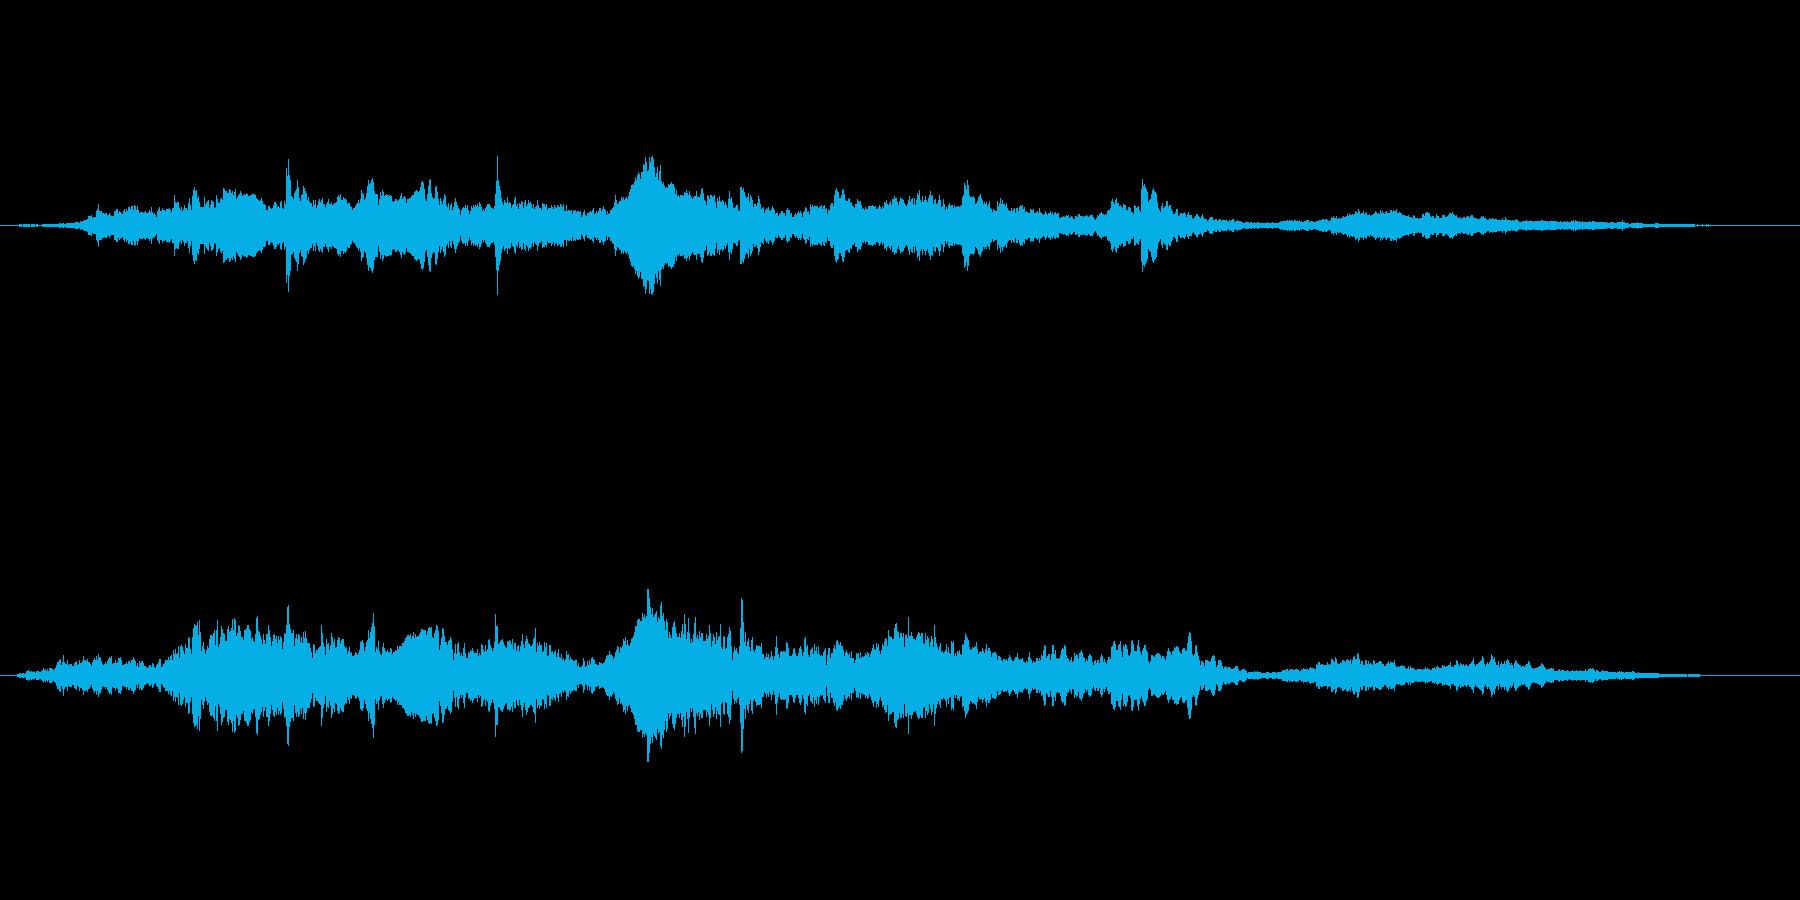 幻想的かつエキゾチックなアンビエント楽曲の再生済みの波形